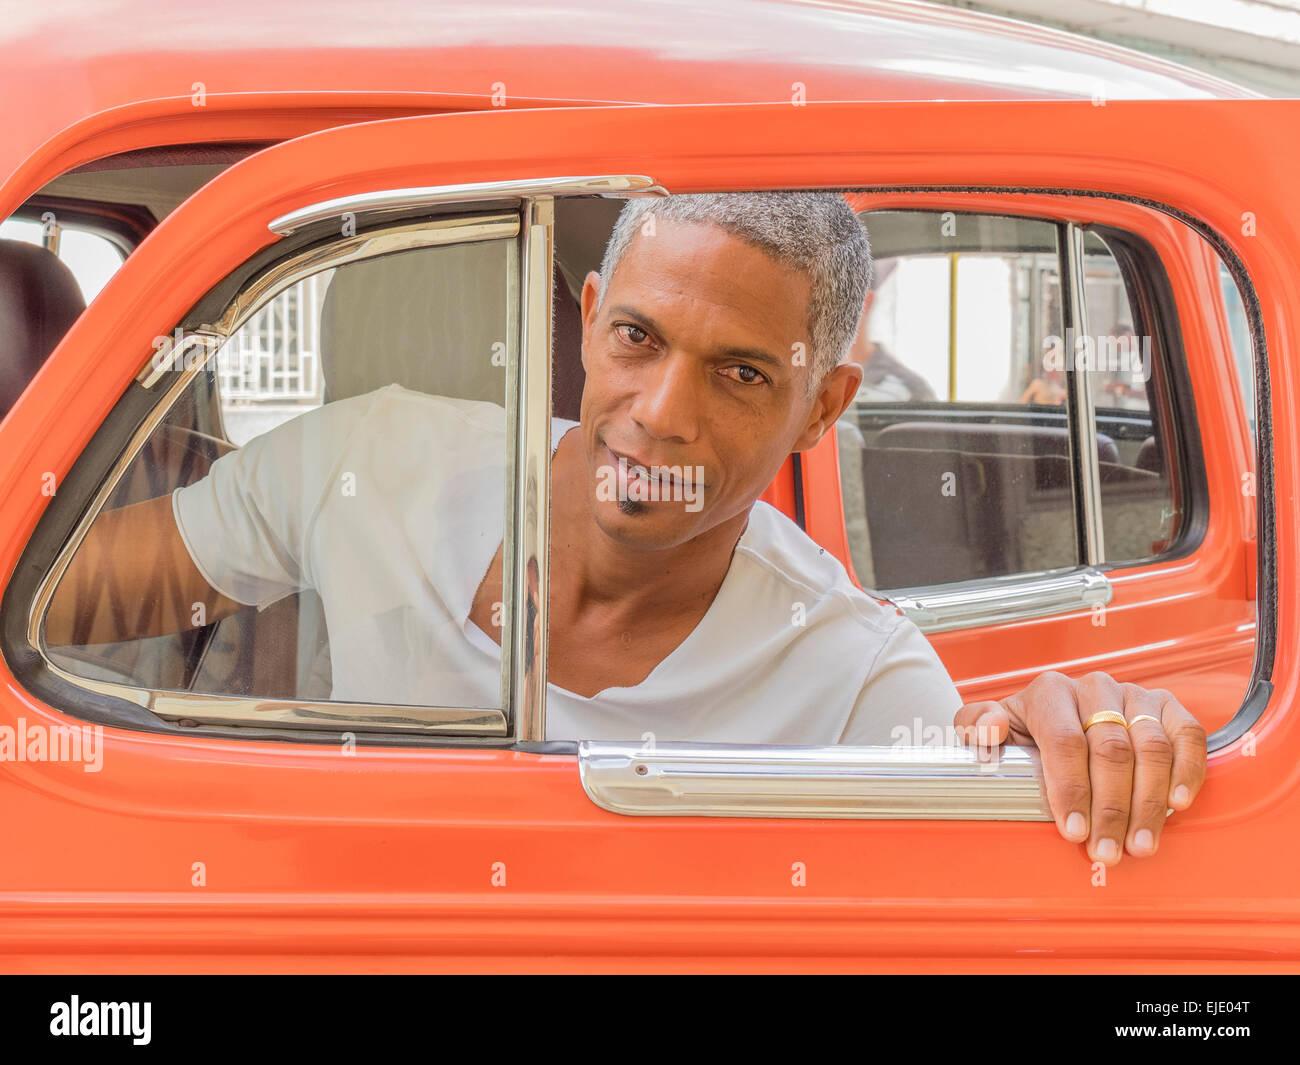 Kubanische Mann schaut aber seine orangene Auto Tür Fensterrahmen in ...